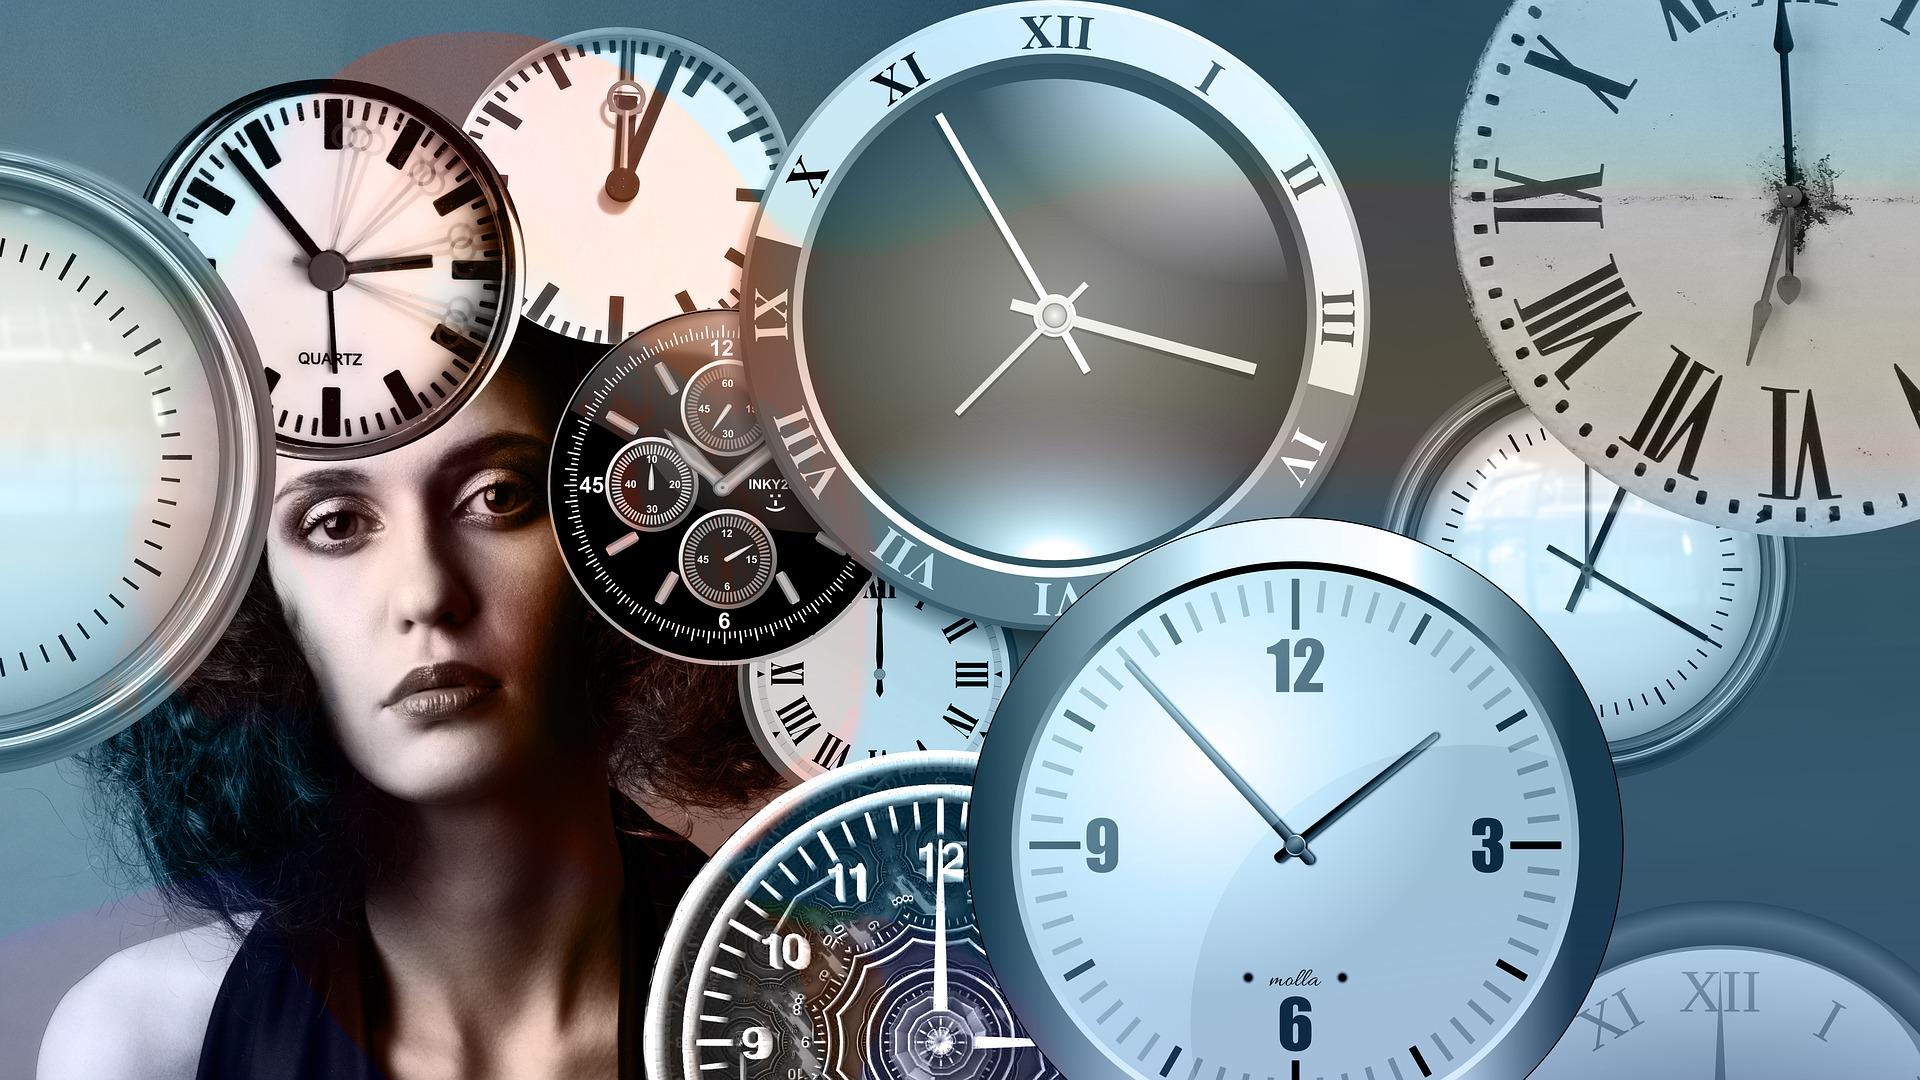 muchos relojes a horas distintas